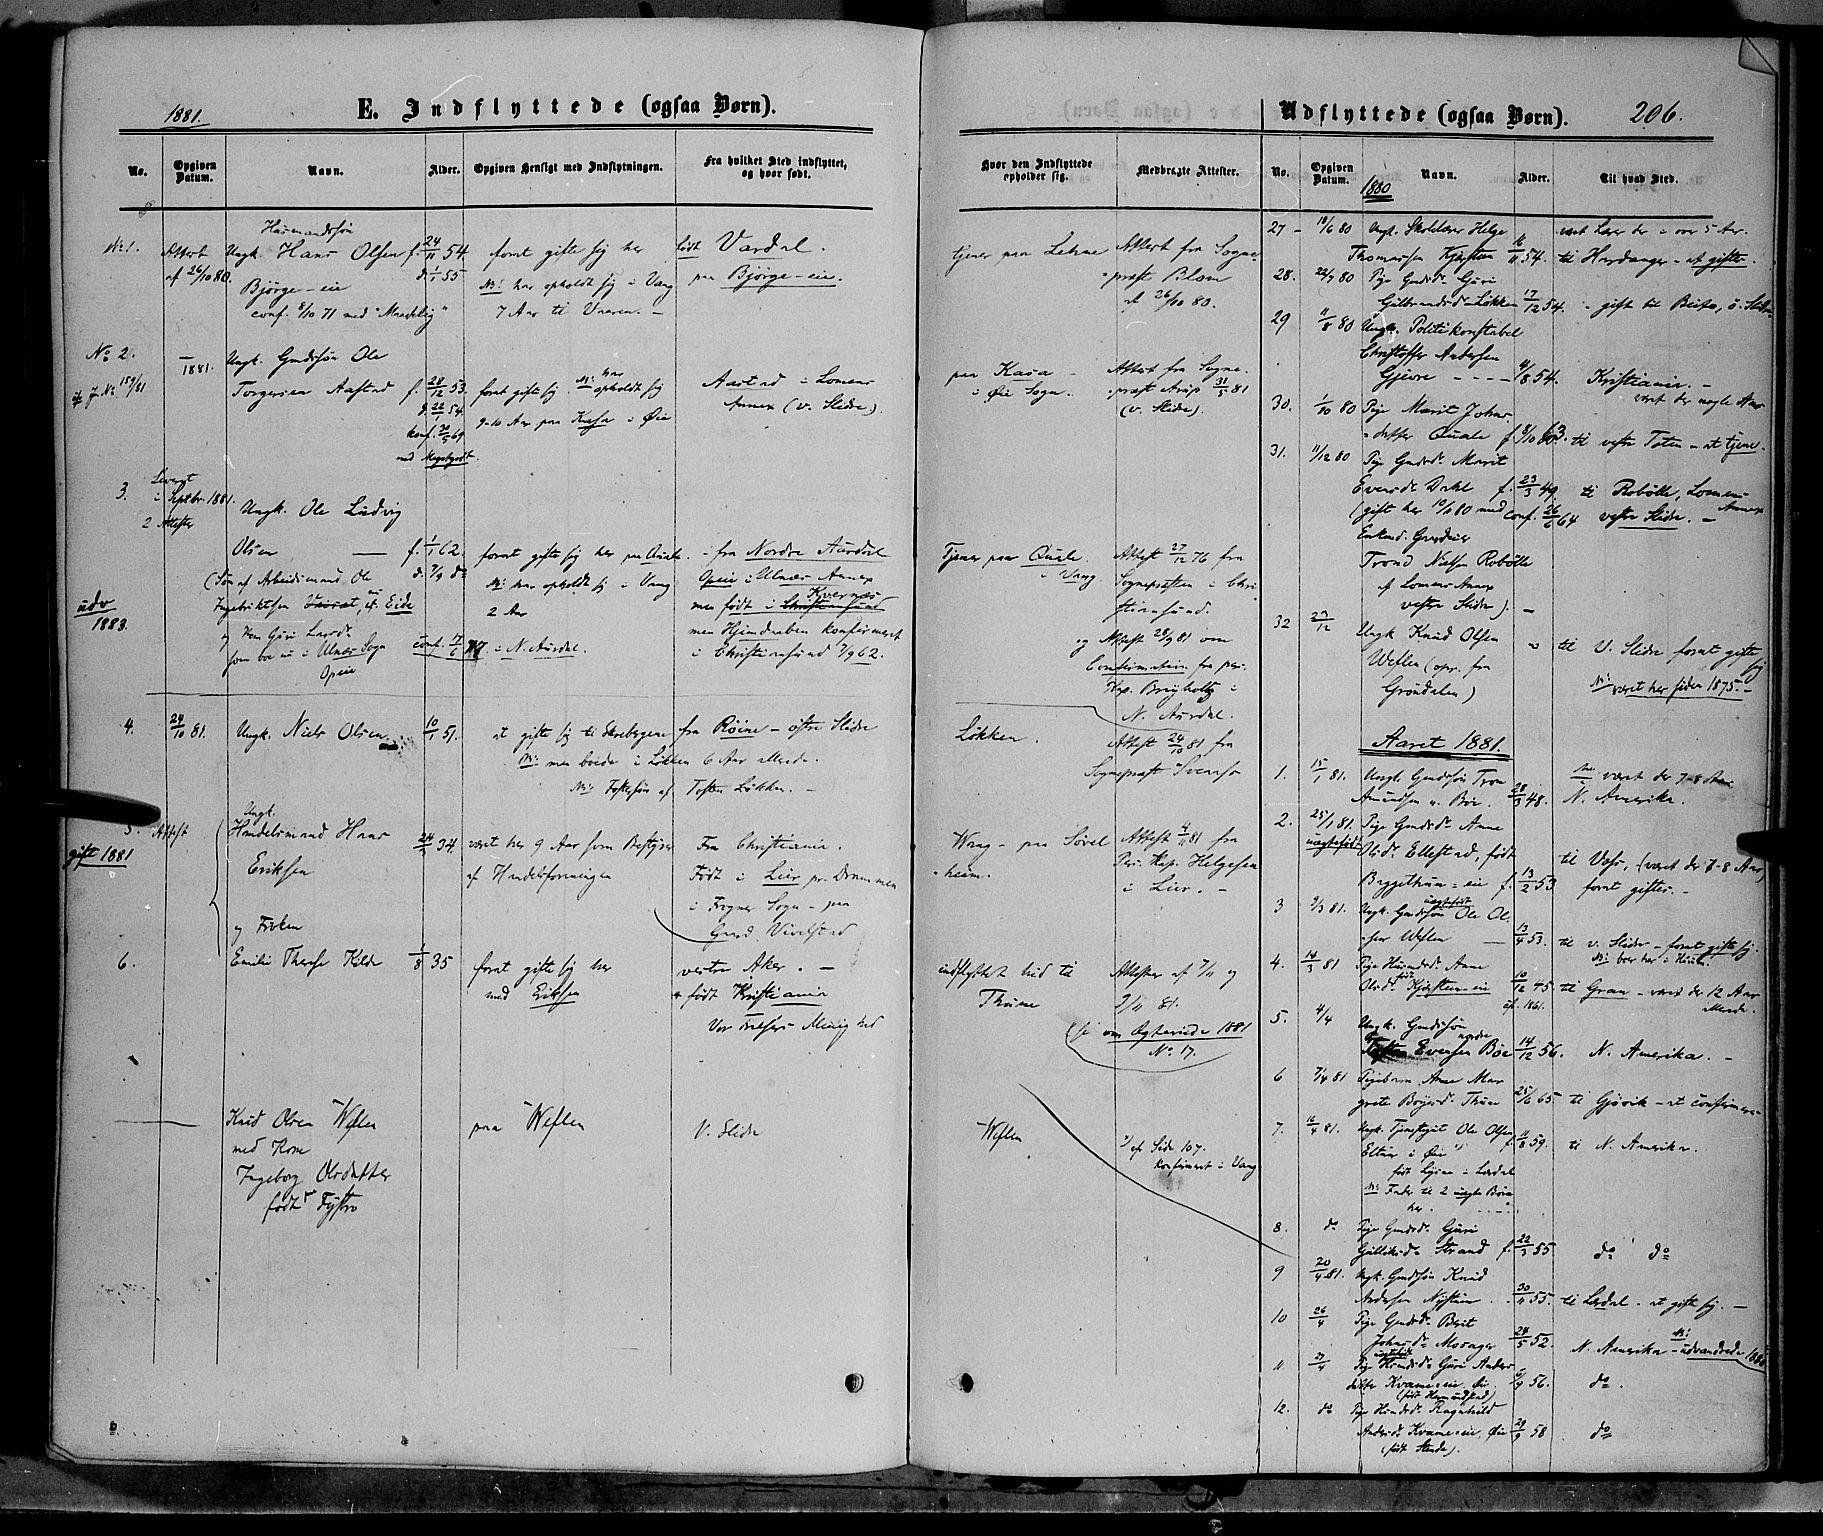 SAH, Vang prestekontor, Valdres, Ministerialbok nr. 7, 1865-1881, s. 206